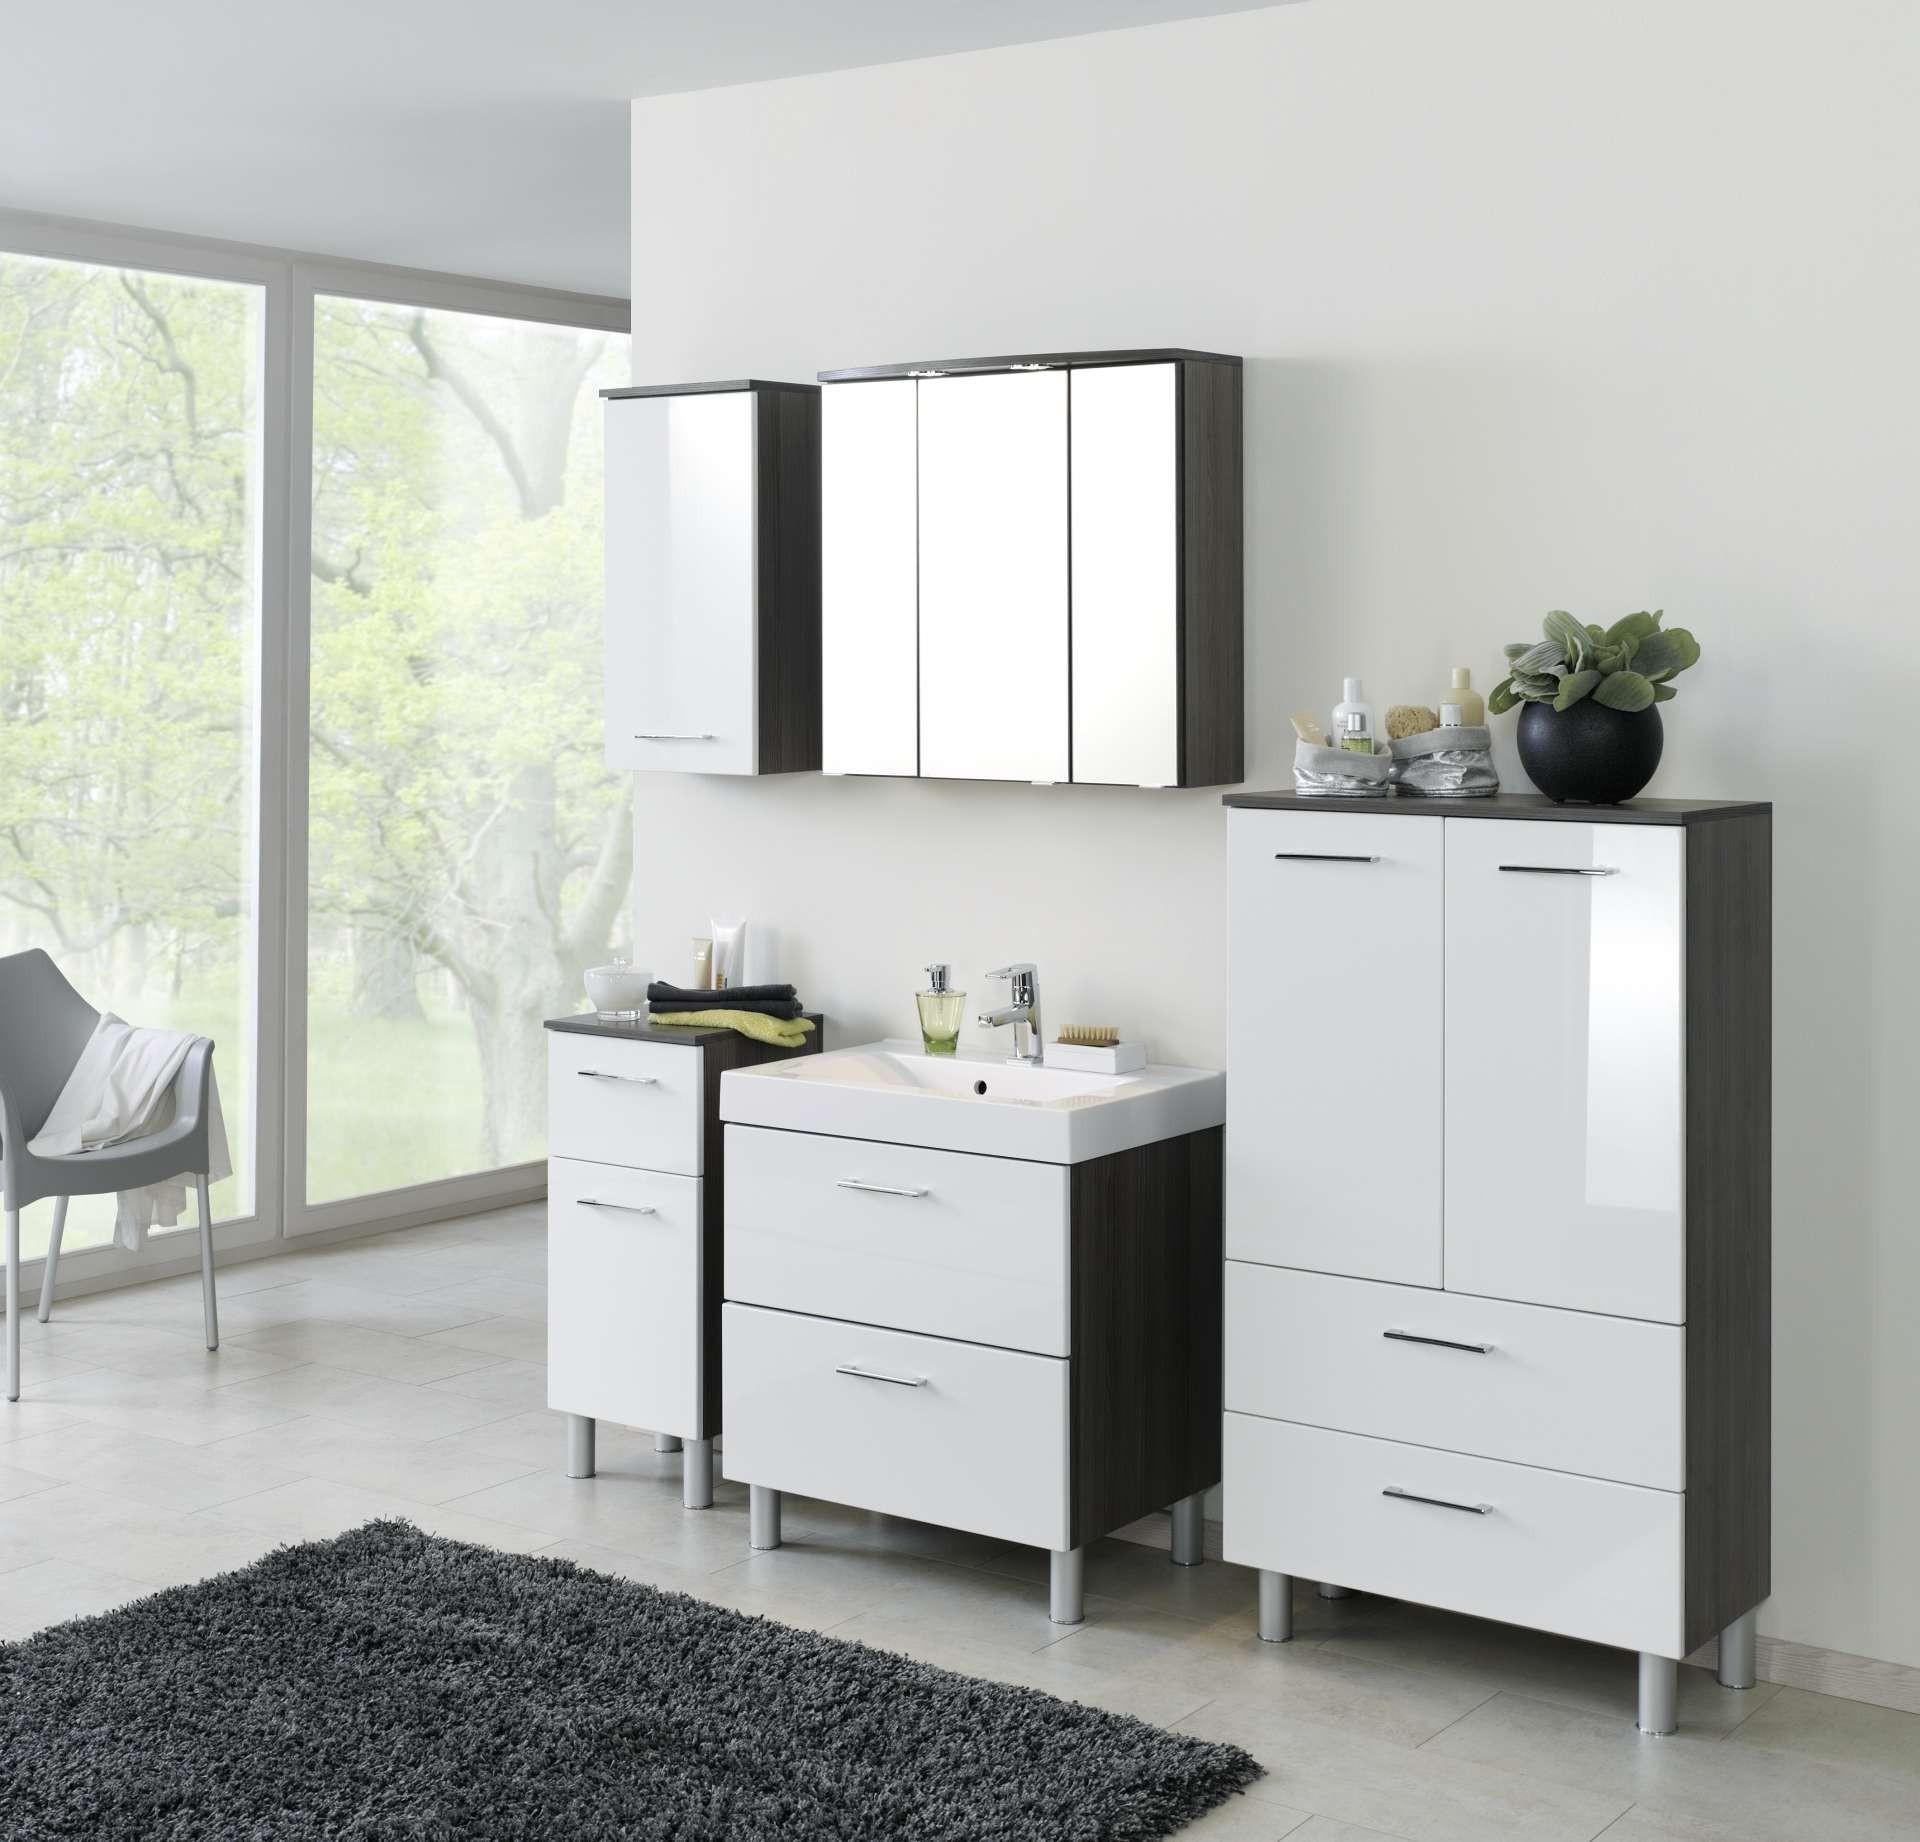 bad midischrank marinello 1 t rig 2 schubladen 35 cm breit hochglanz wei eiche dunkel. Black Bedroom Furniture Sets. Home Design Ideas